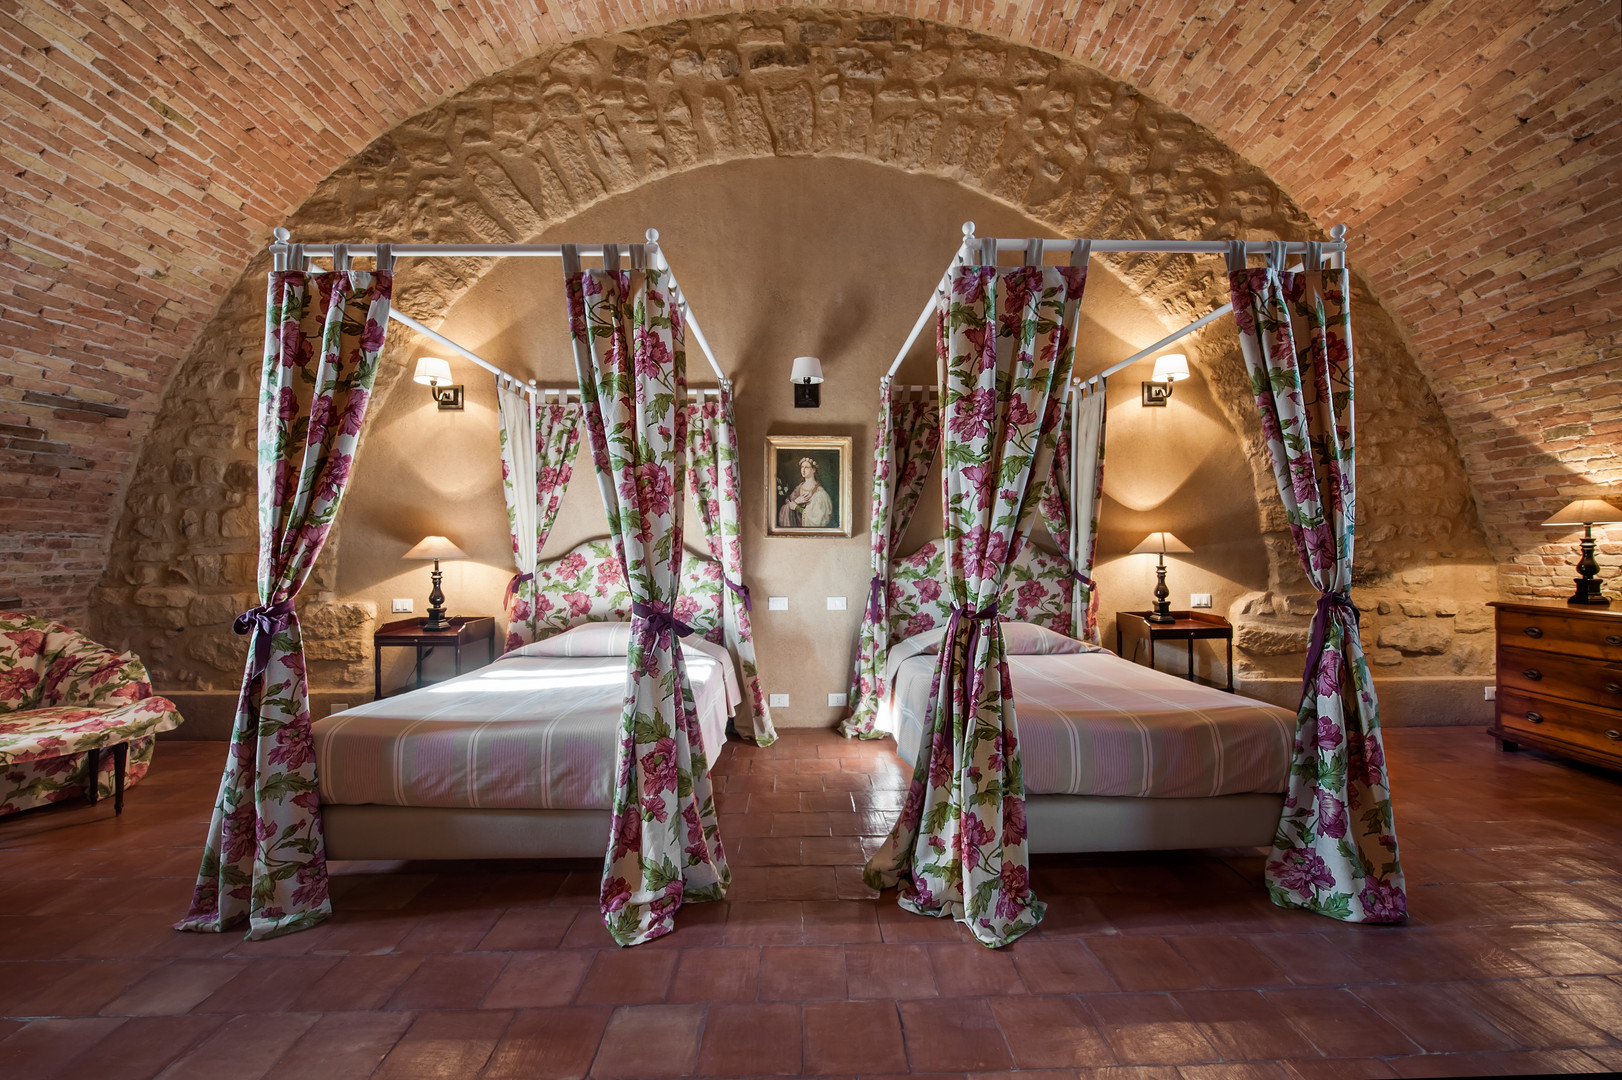 UVA BALDACCHINO TWIN BEDS 2.jpg